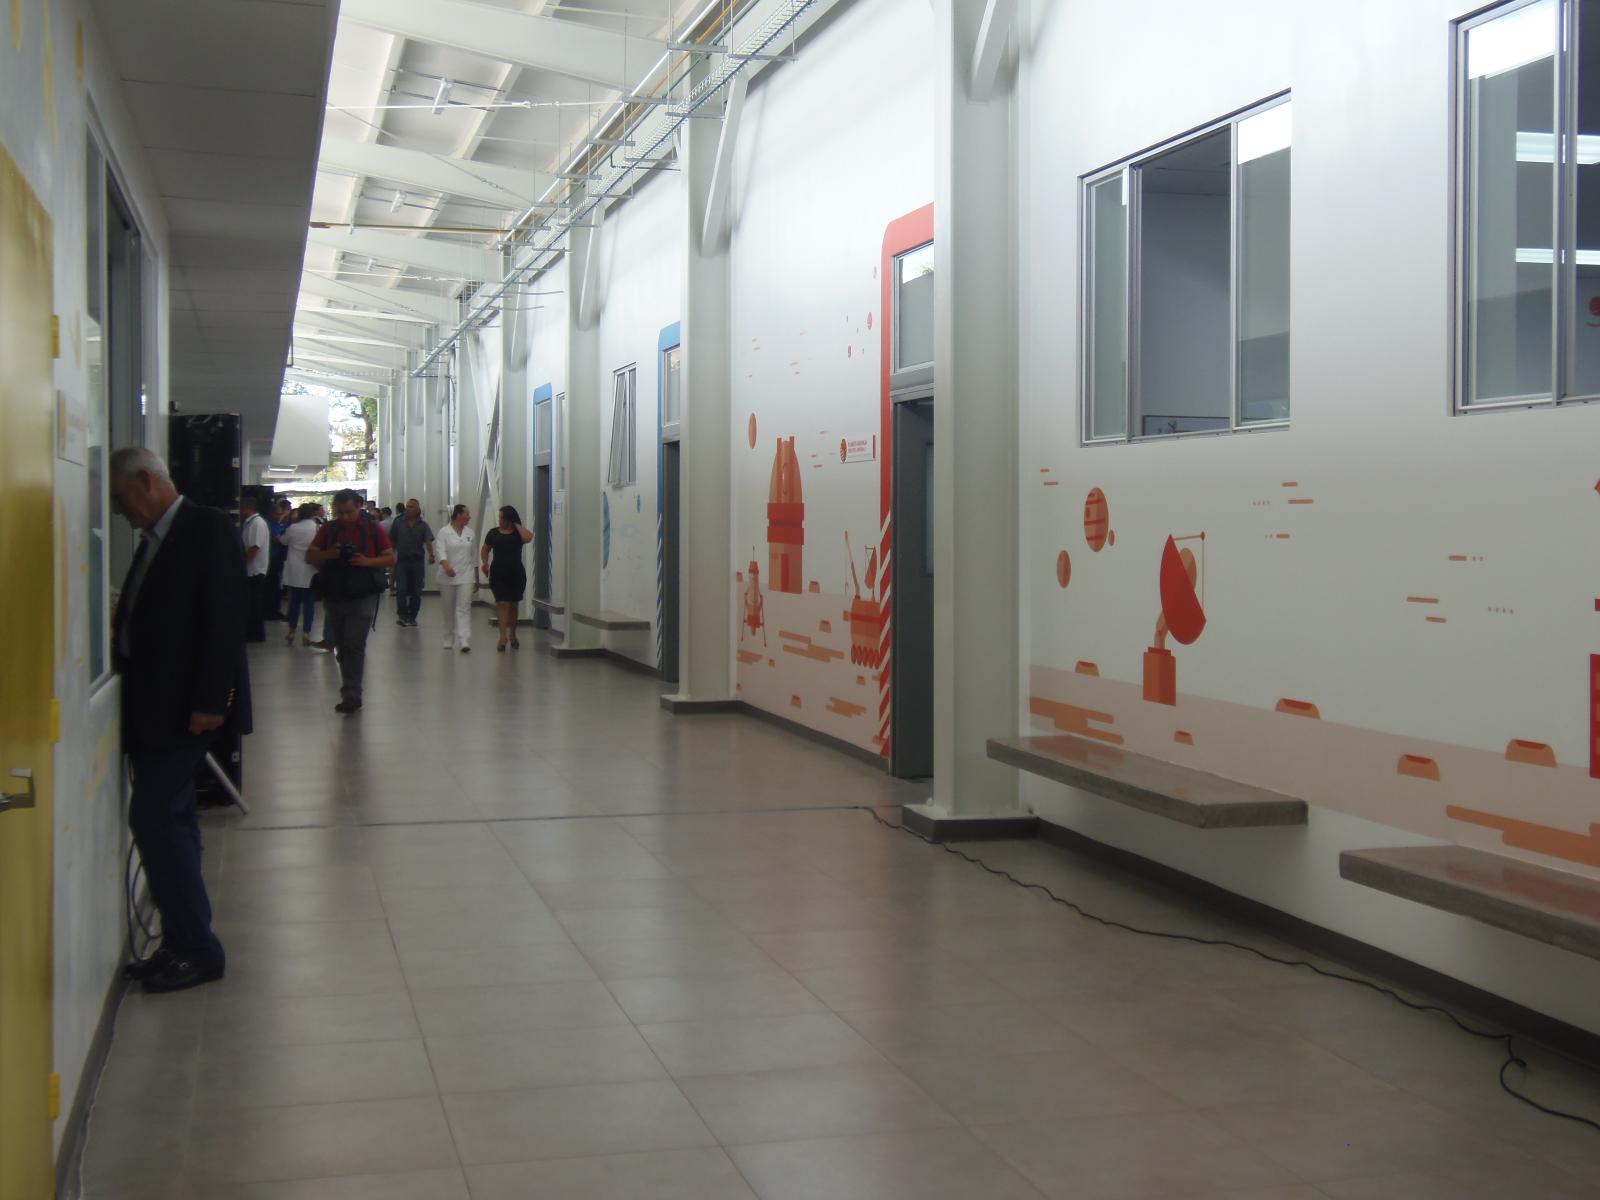 Más de 350 mil niños serán beneficiados con la nueva condiciones del área de pediatría del hospital San Juan de Dios – Santa Ana